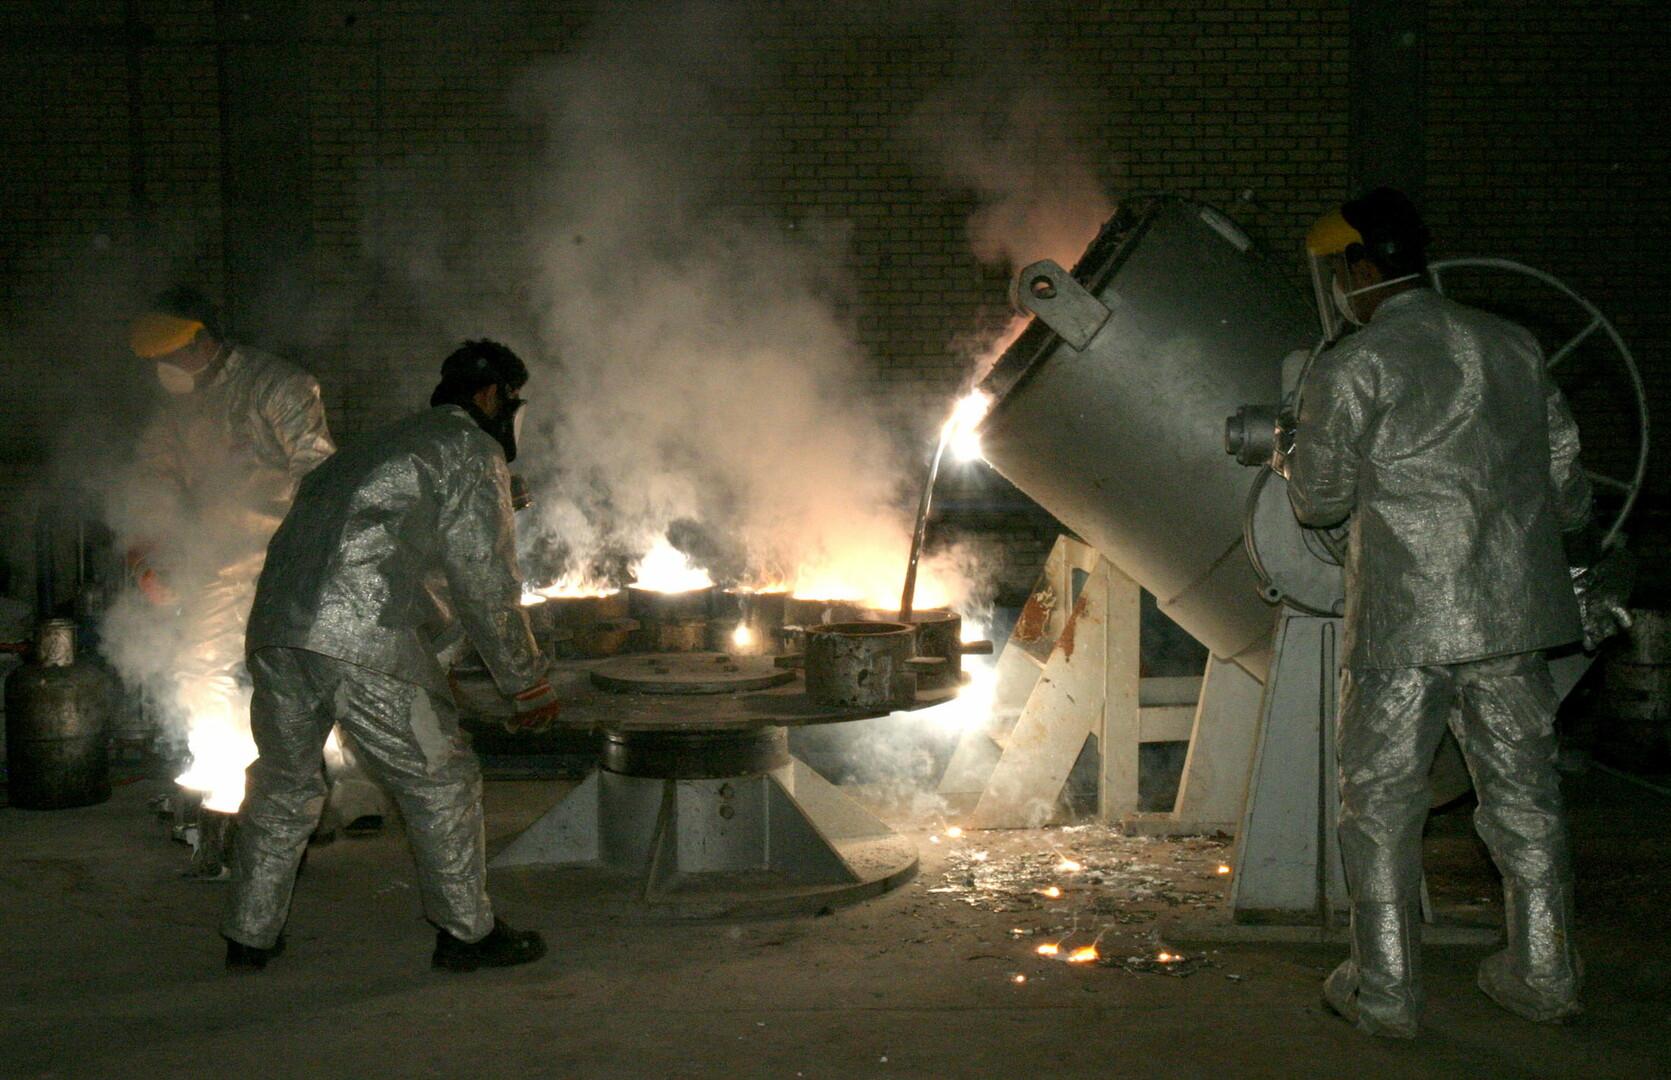 إيران تعلن تشغيل أجهزة طرد مركزي متطورة